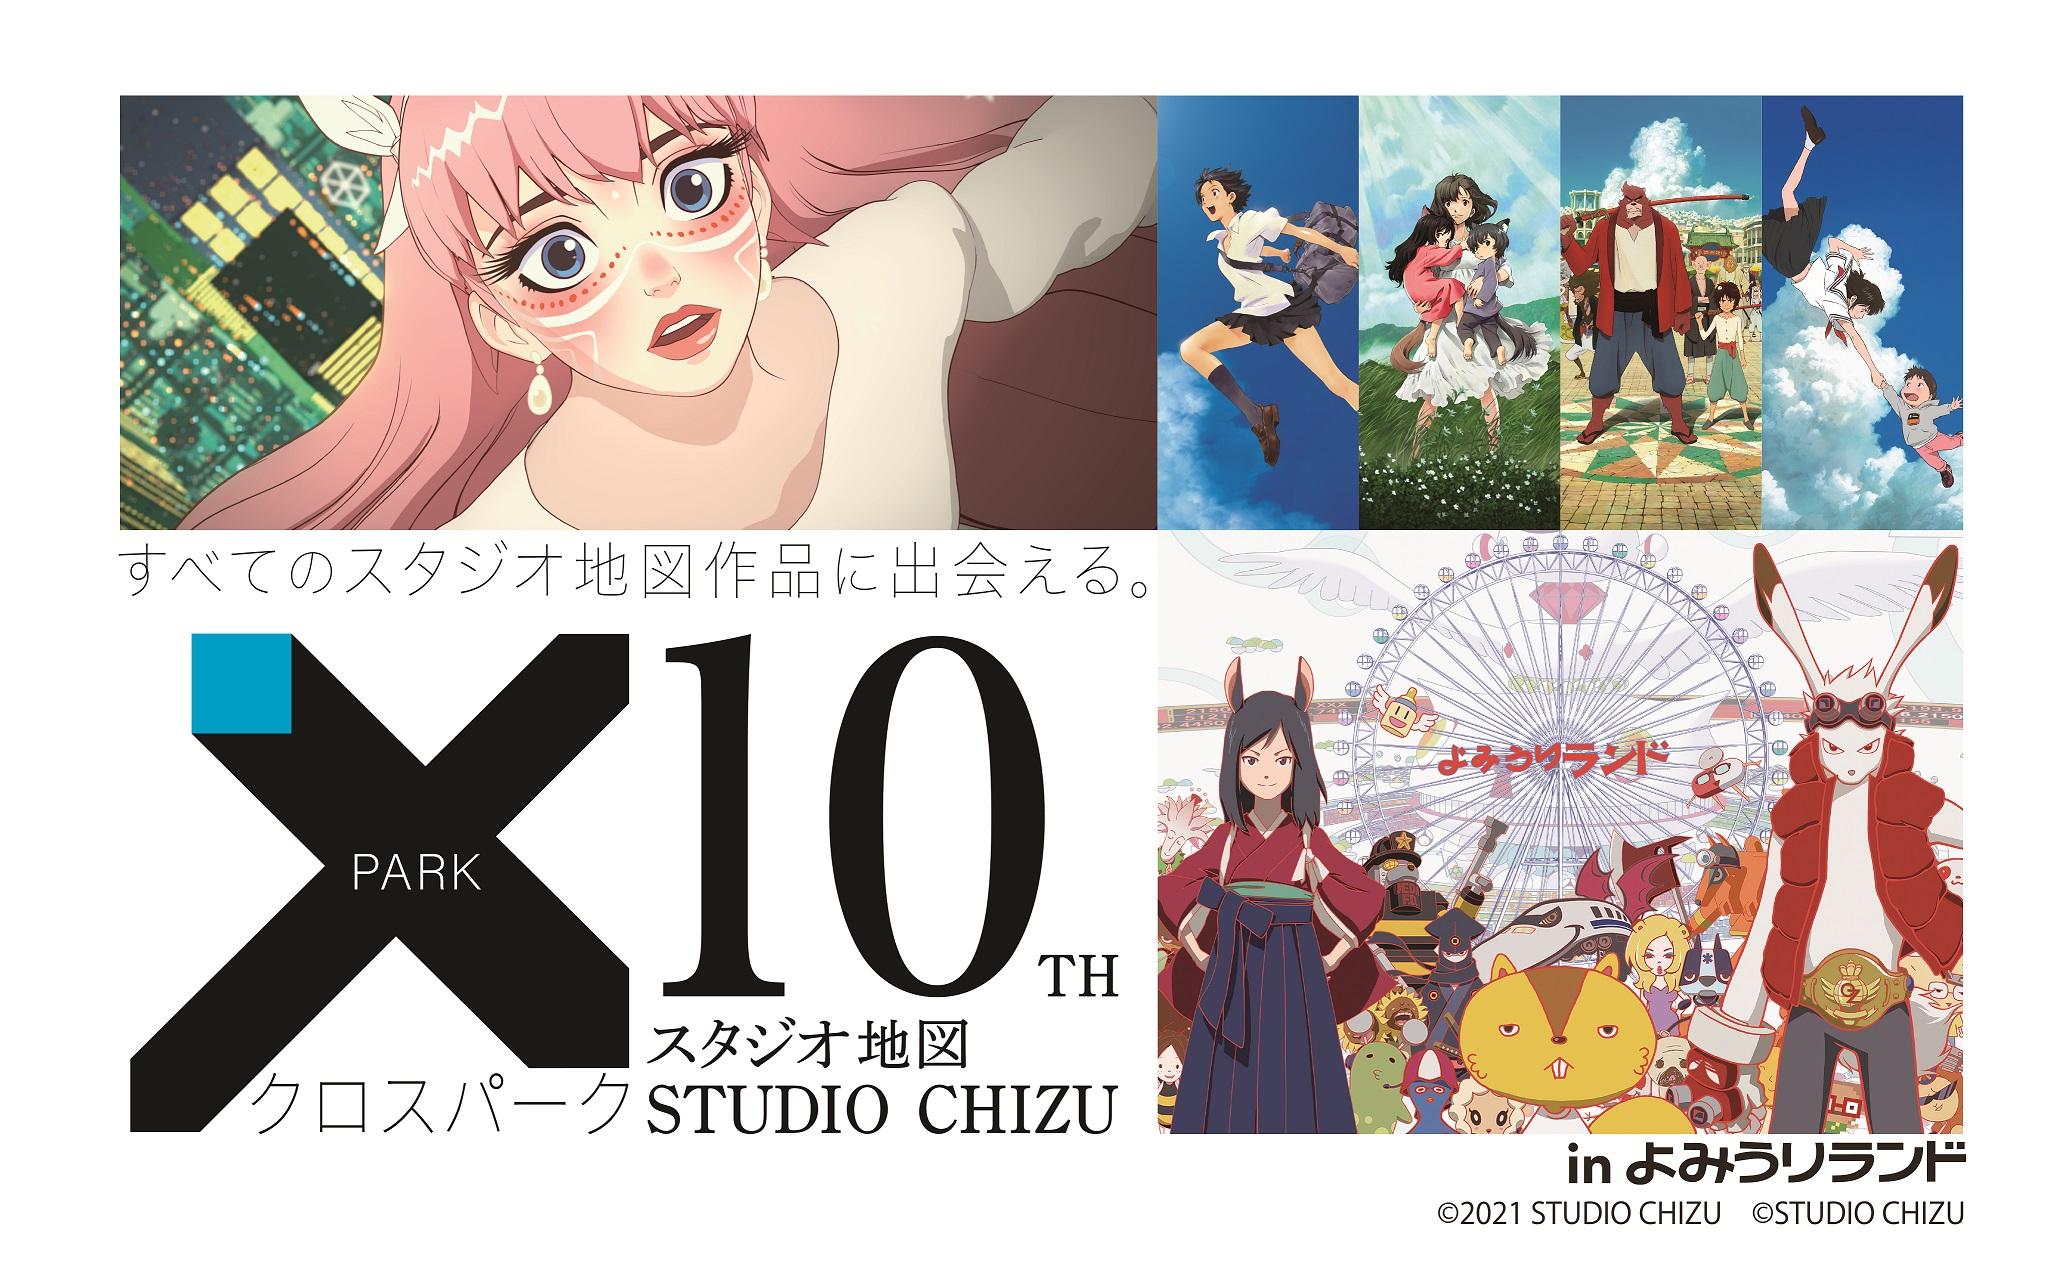 スタジオ地図 10th クロスパーク inよみうりランド1